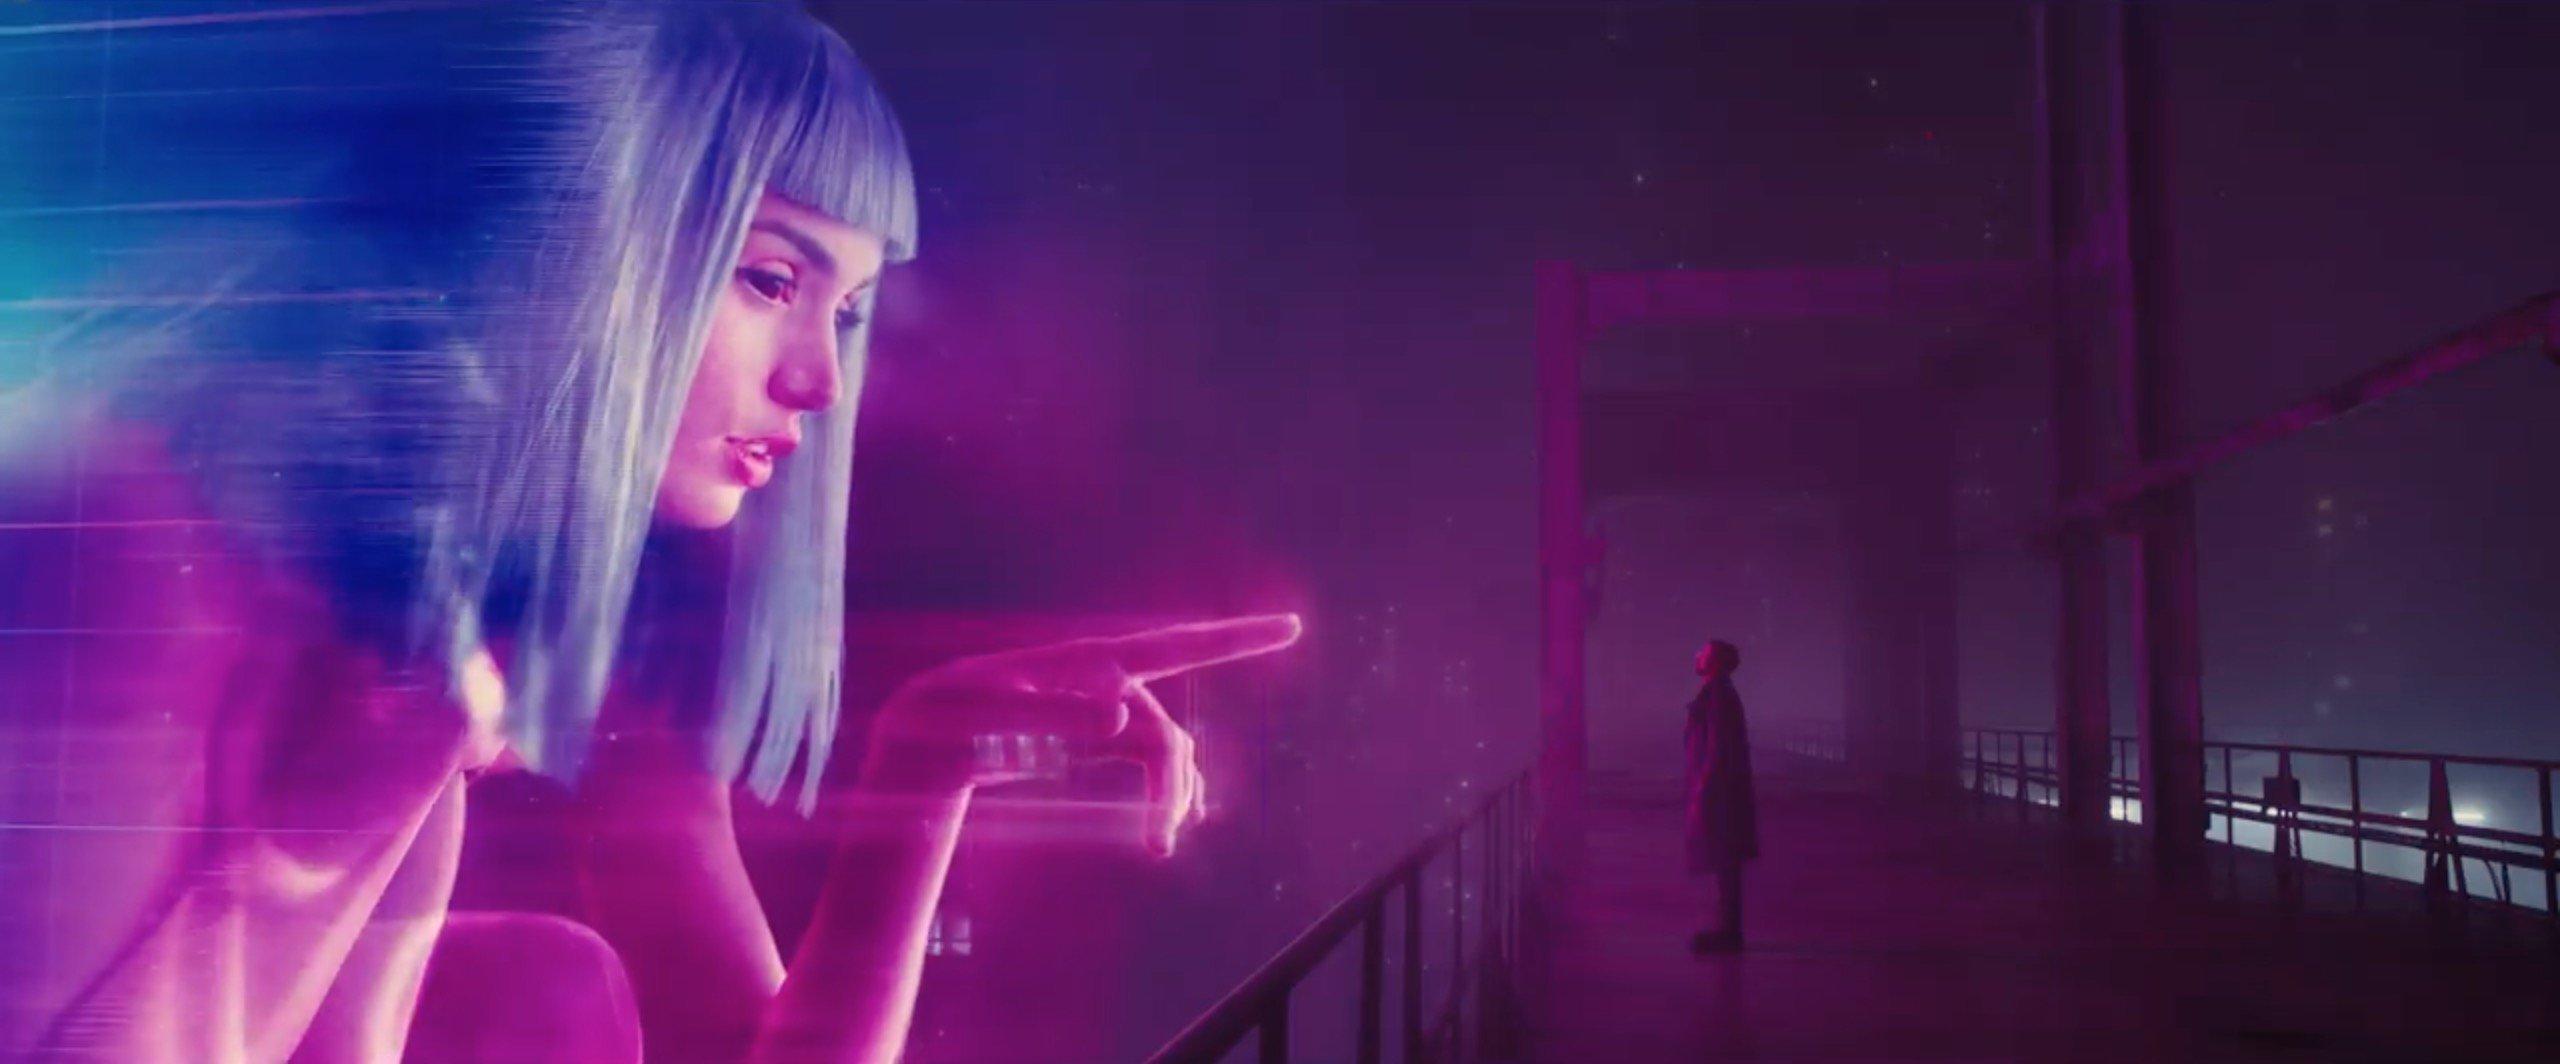 Joi dans Blade Runner 2049